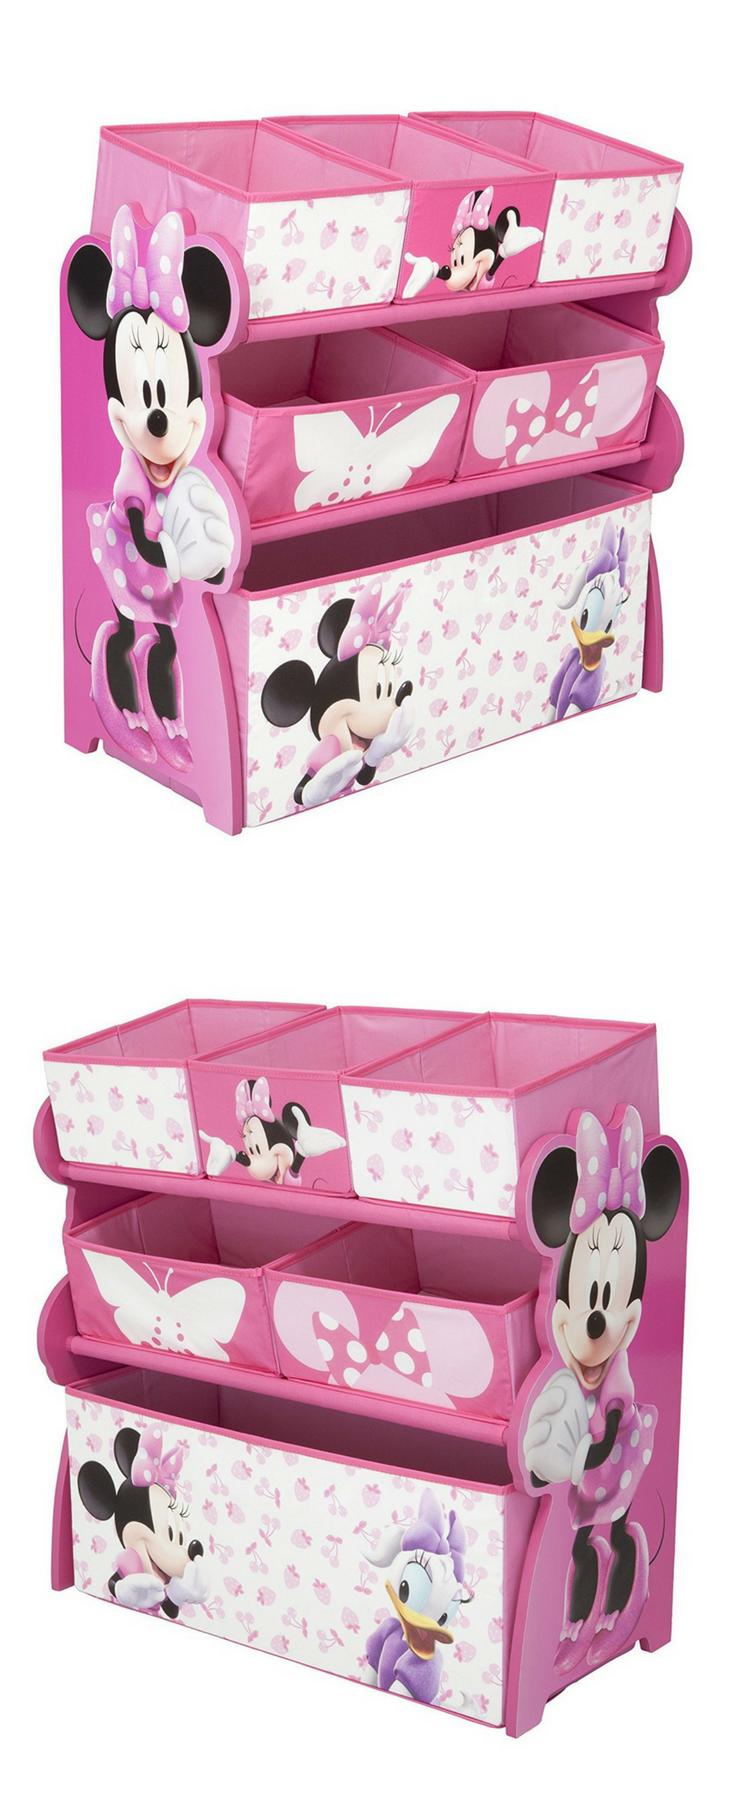 Werbung Rosa Minnie Mouse Spielzeugregal Mit 6 Spielzeugkisten